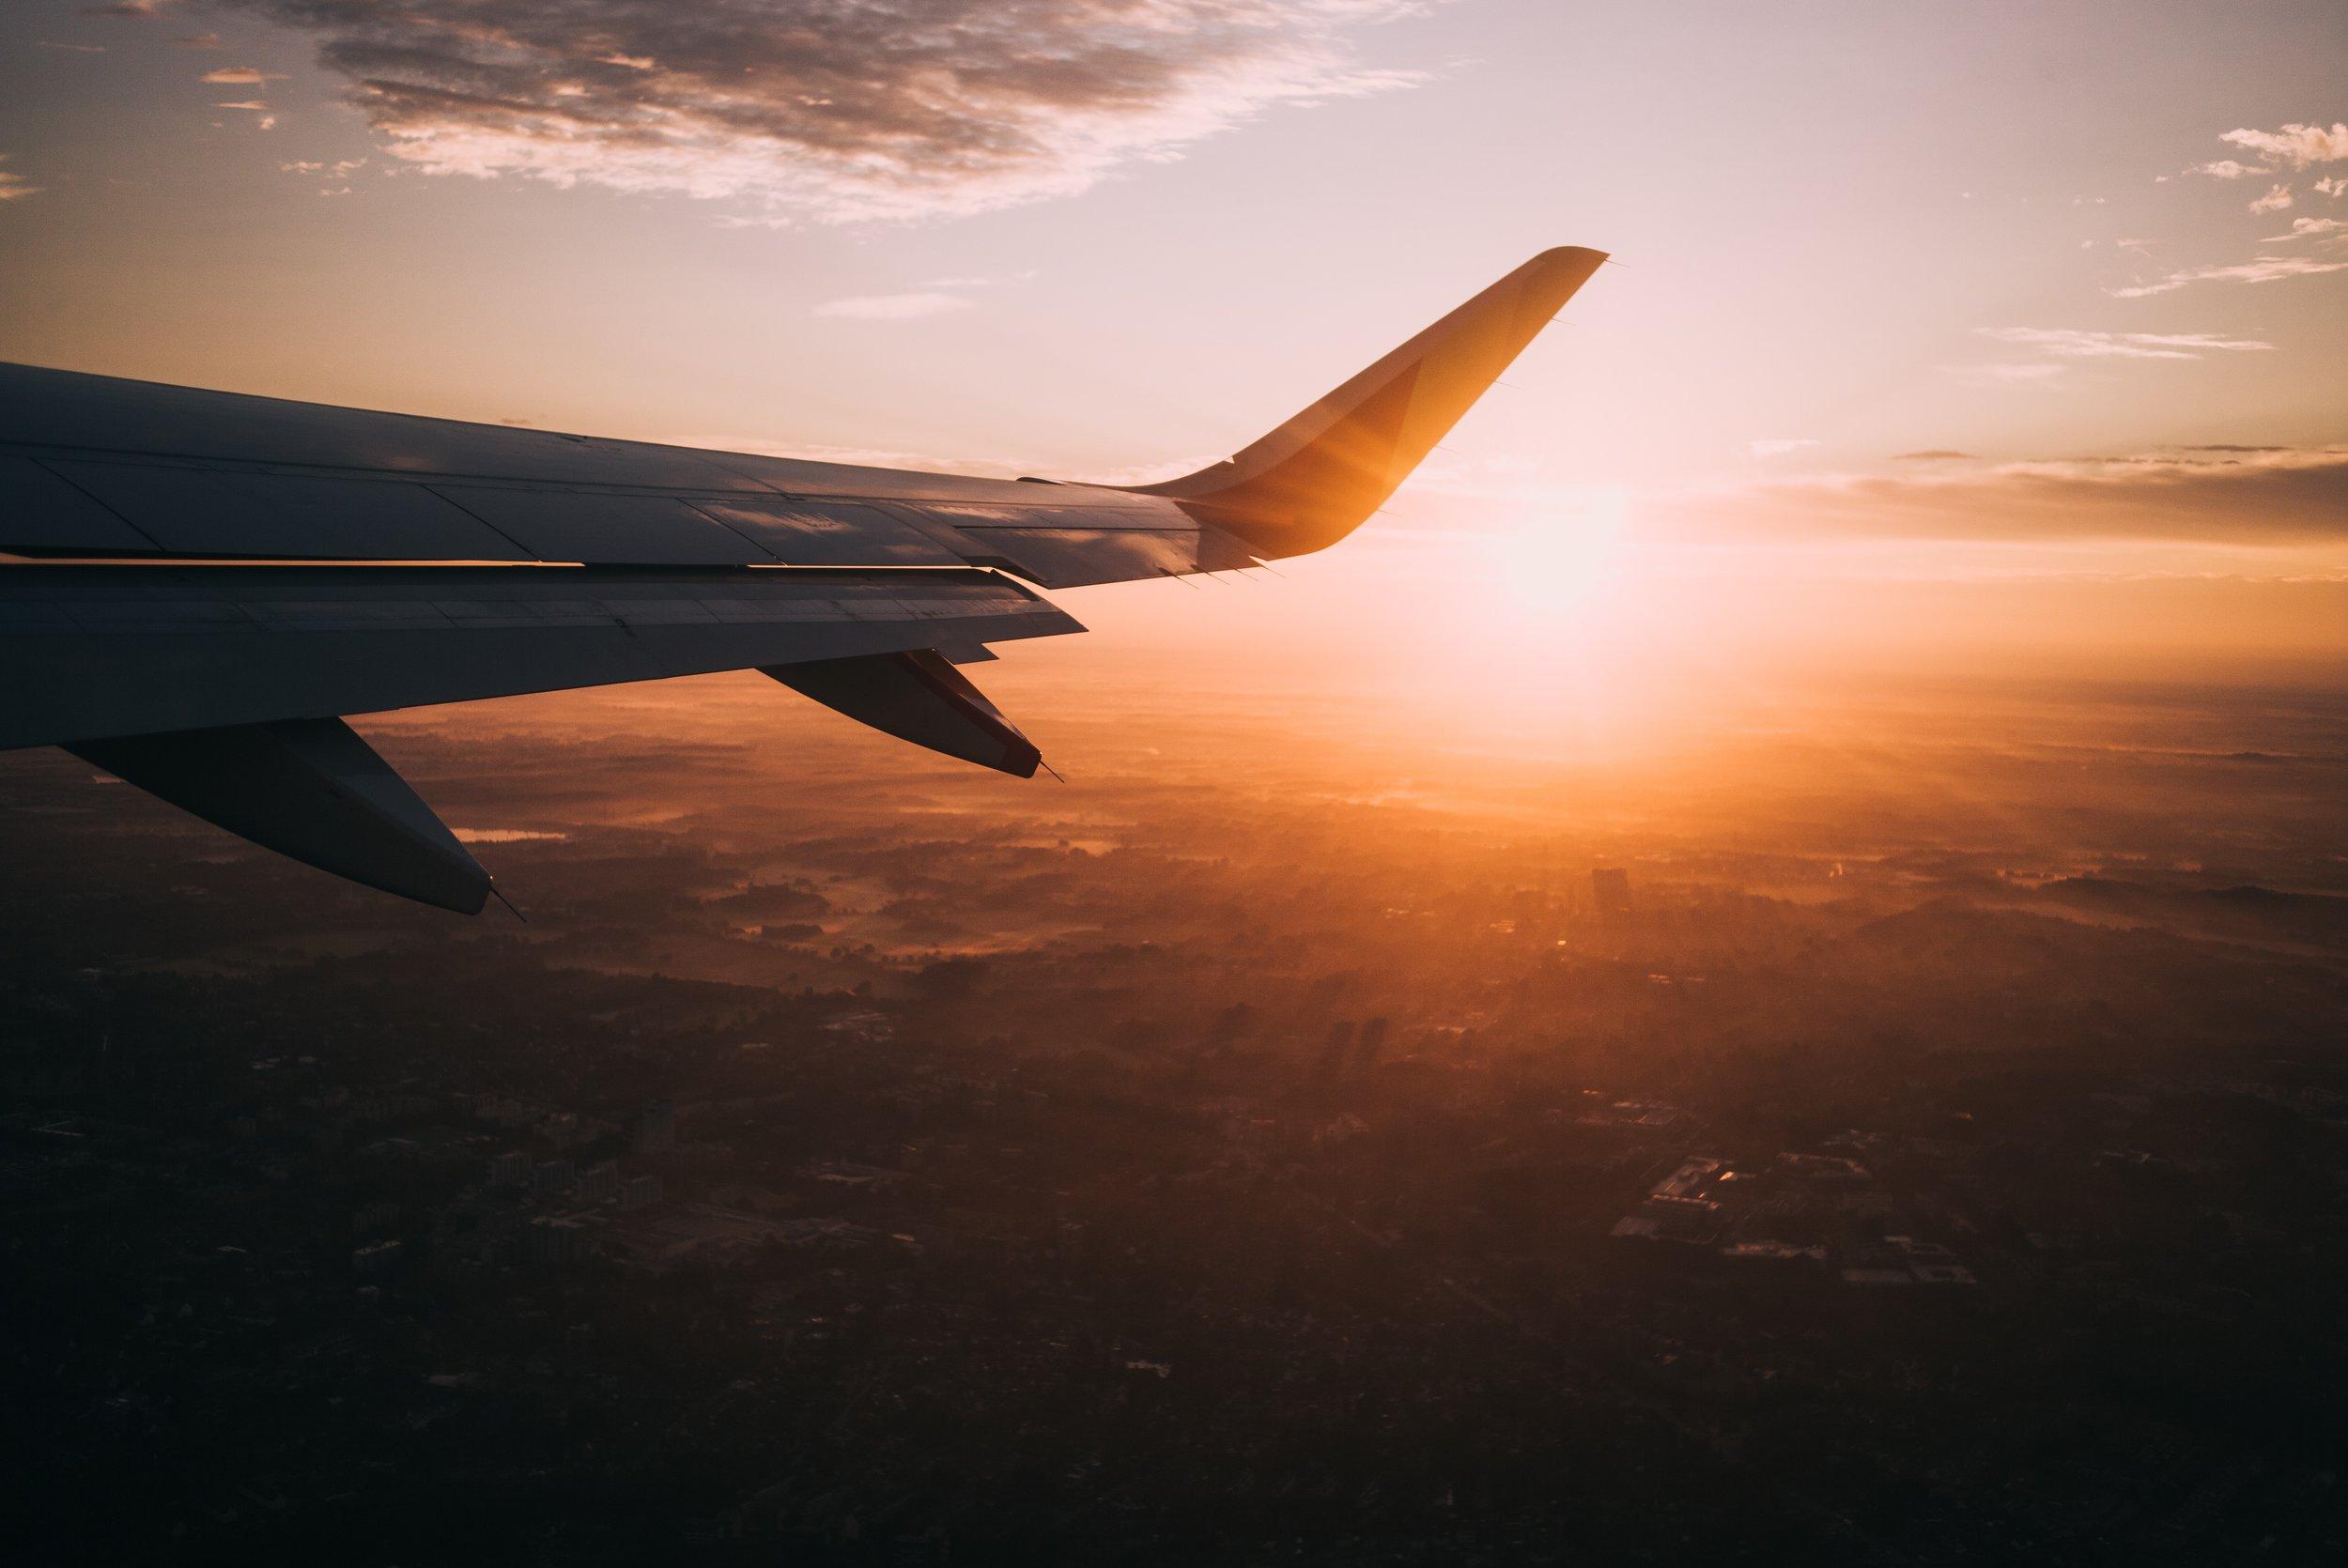 Fly_05.jpg